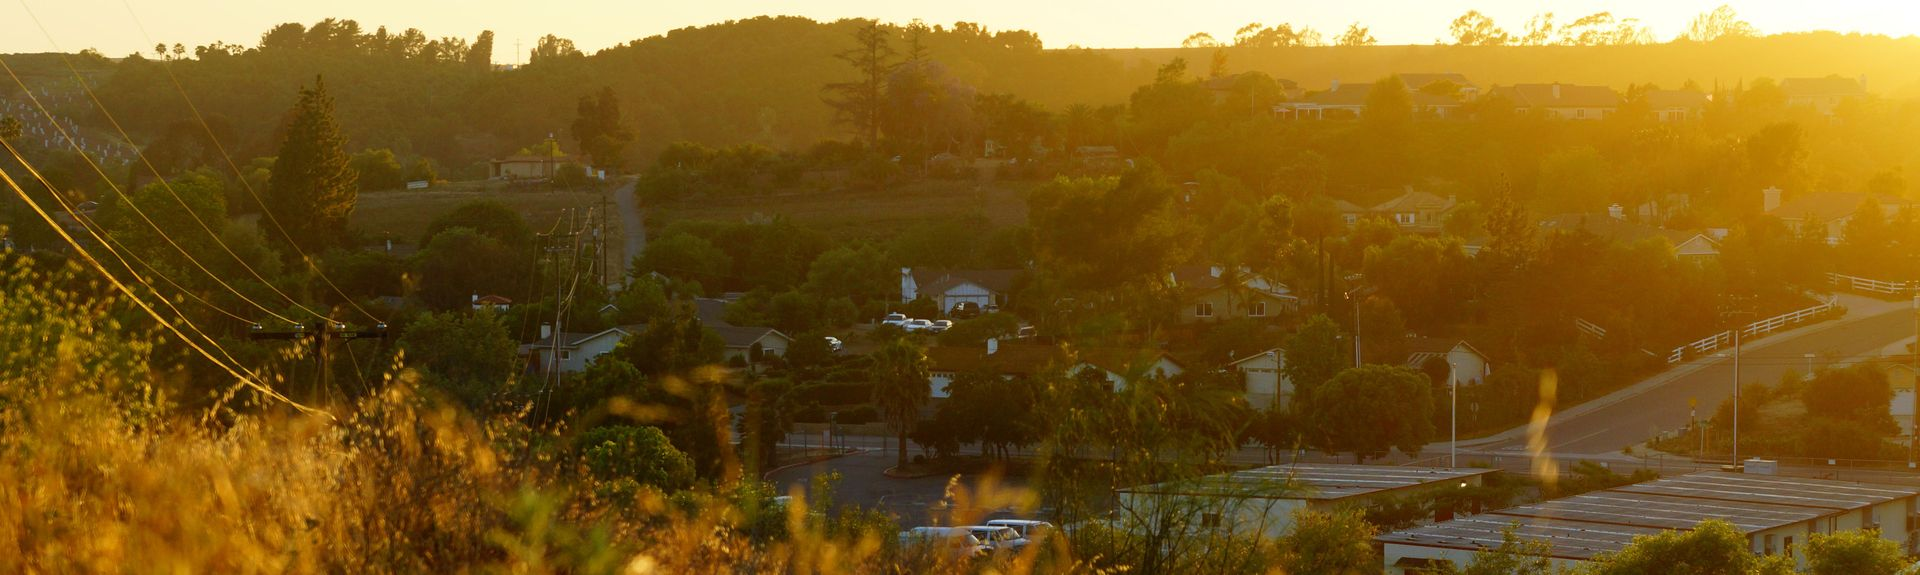 Fallbrook, California, USA